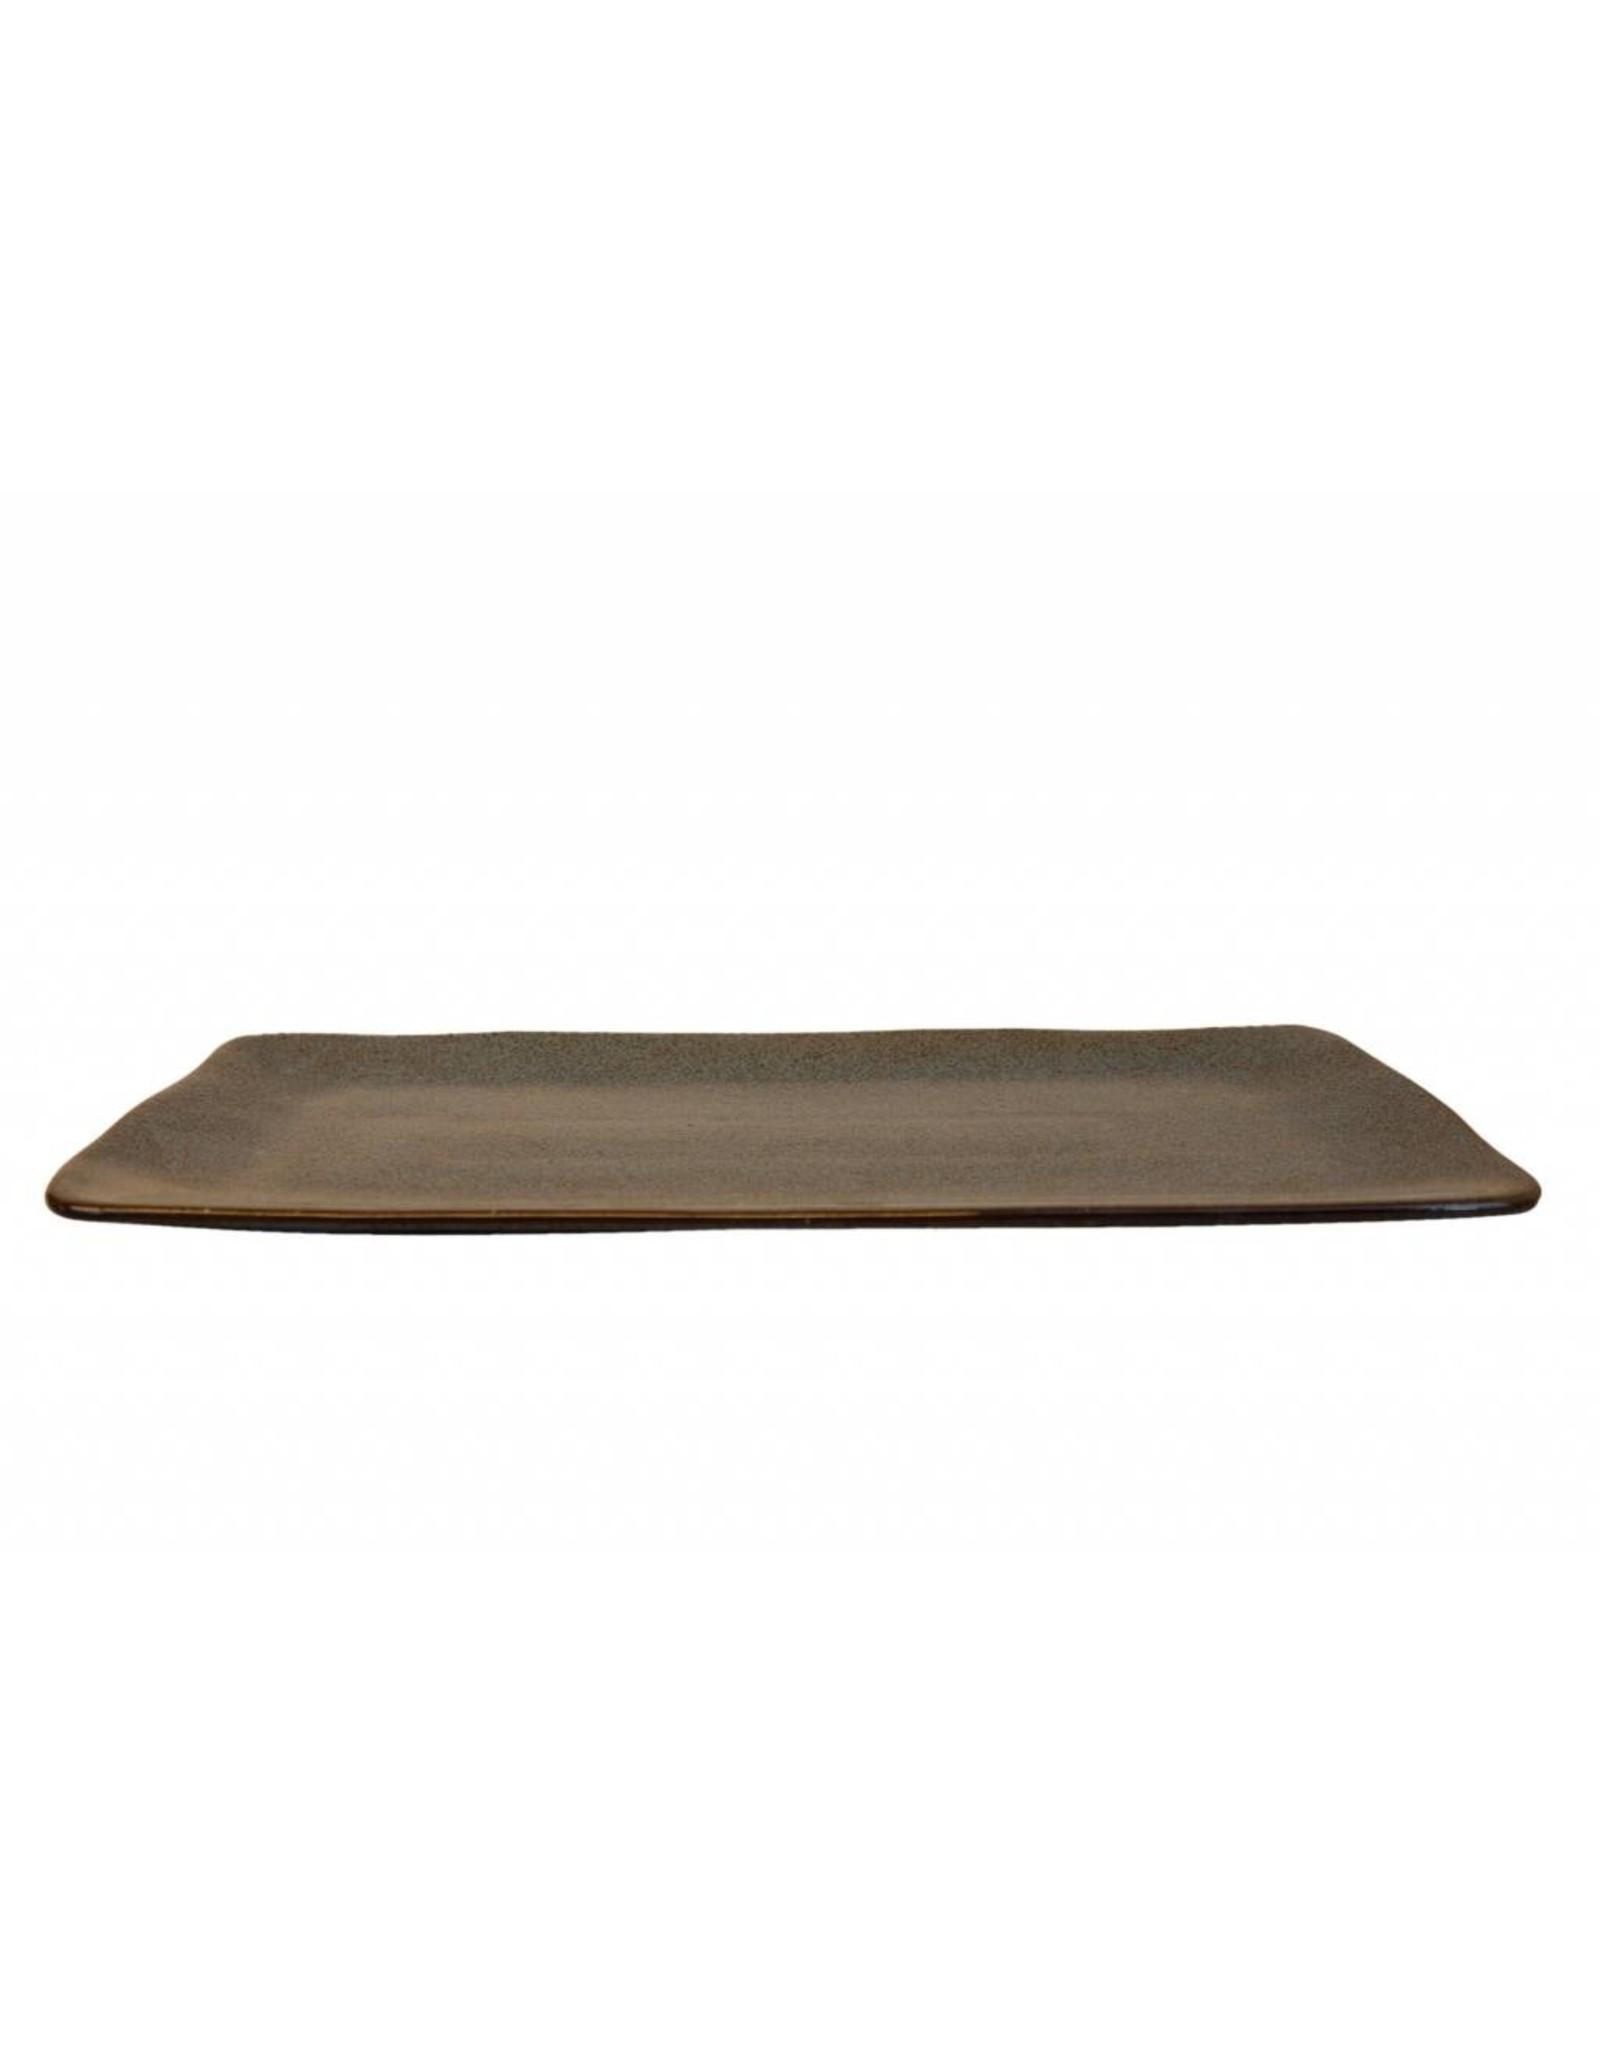 Kitchen Trend Schaal Stone rechthoek groot petrol